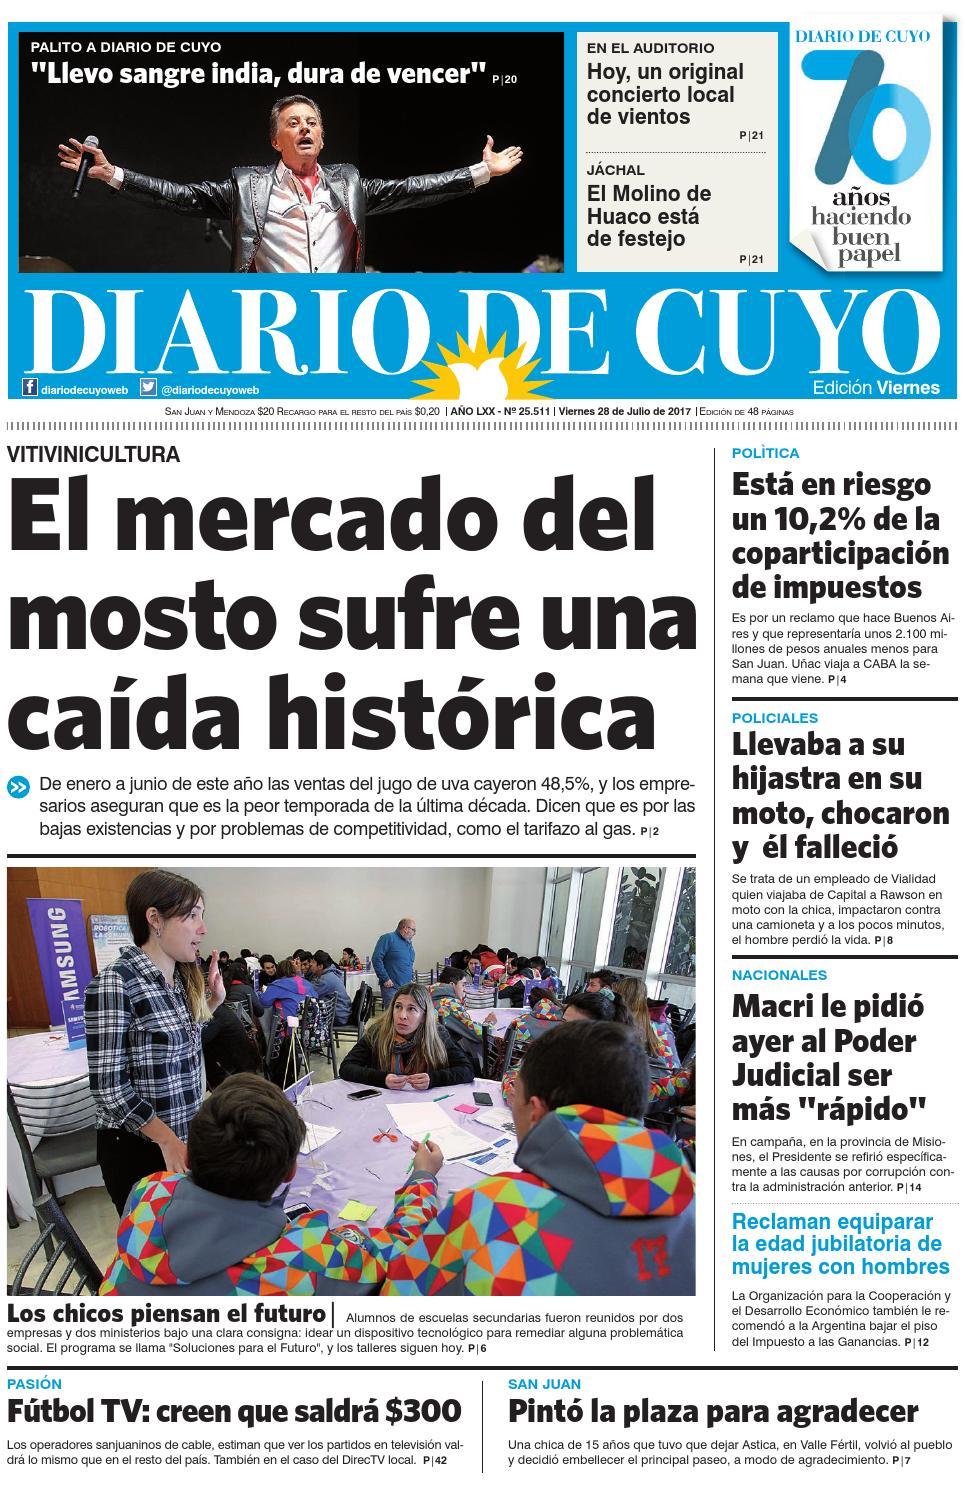 Conocer Mujeres Mendocinas-109126